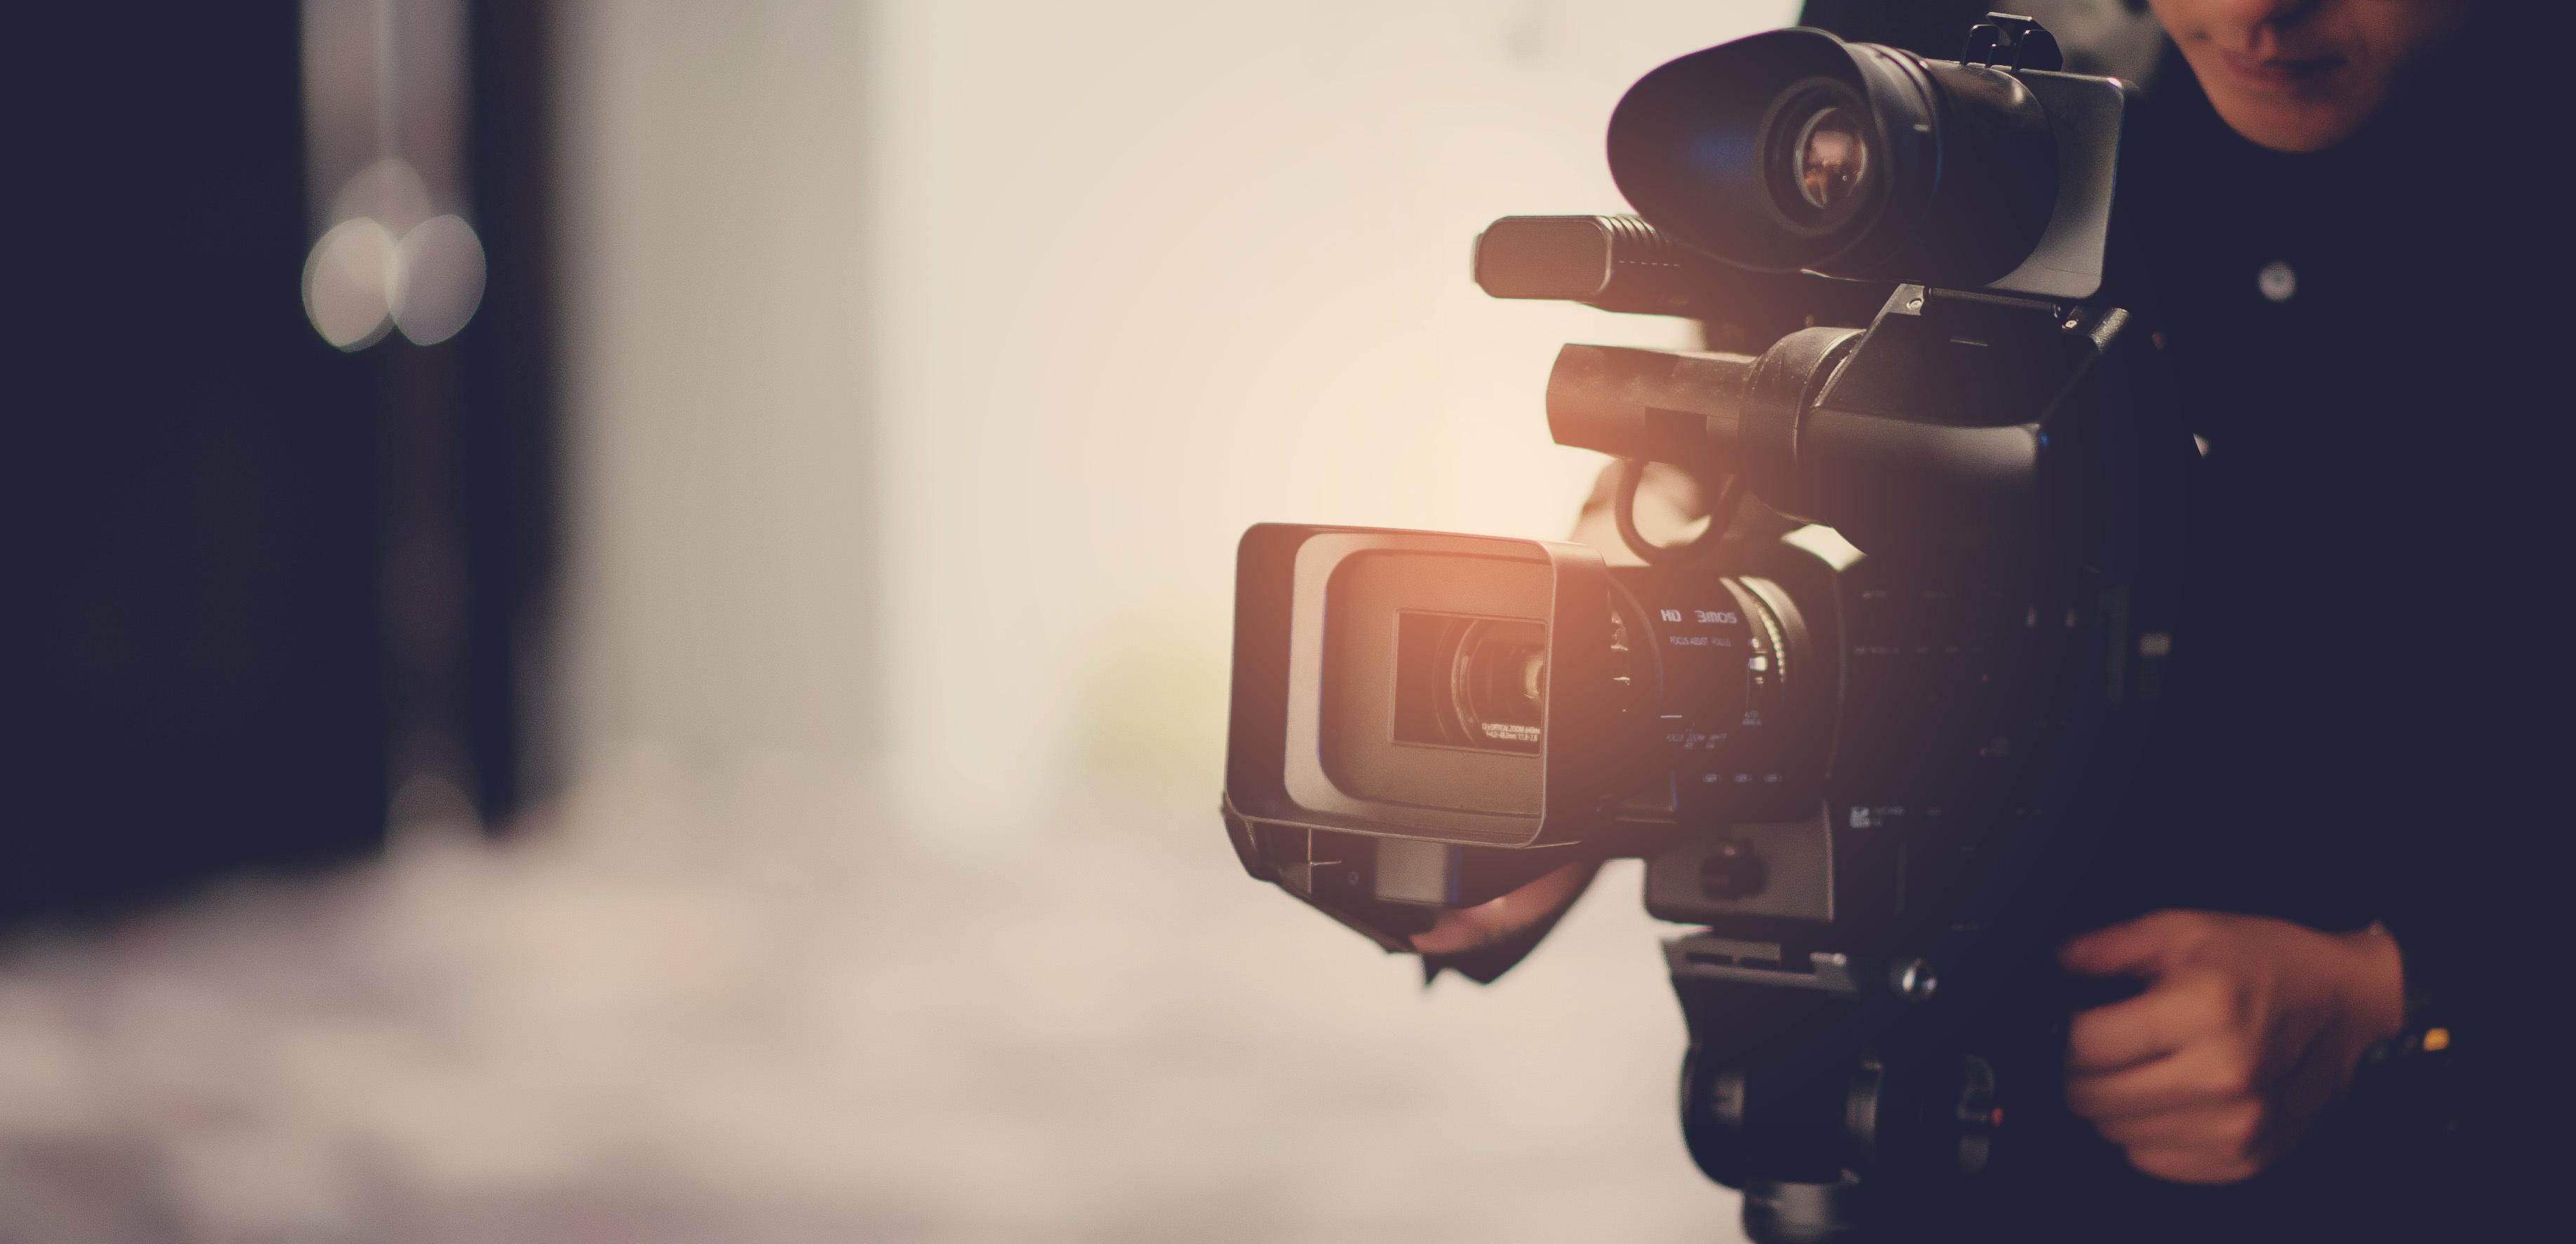 Firmenvideos für Ihr Unternehmen